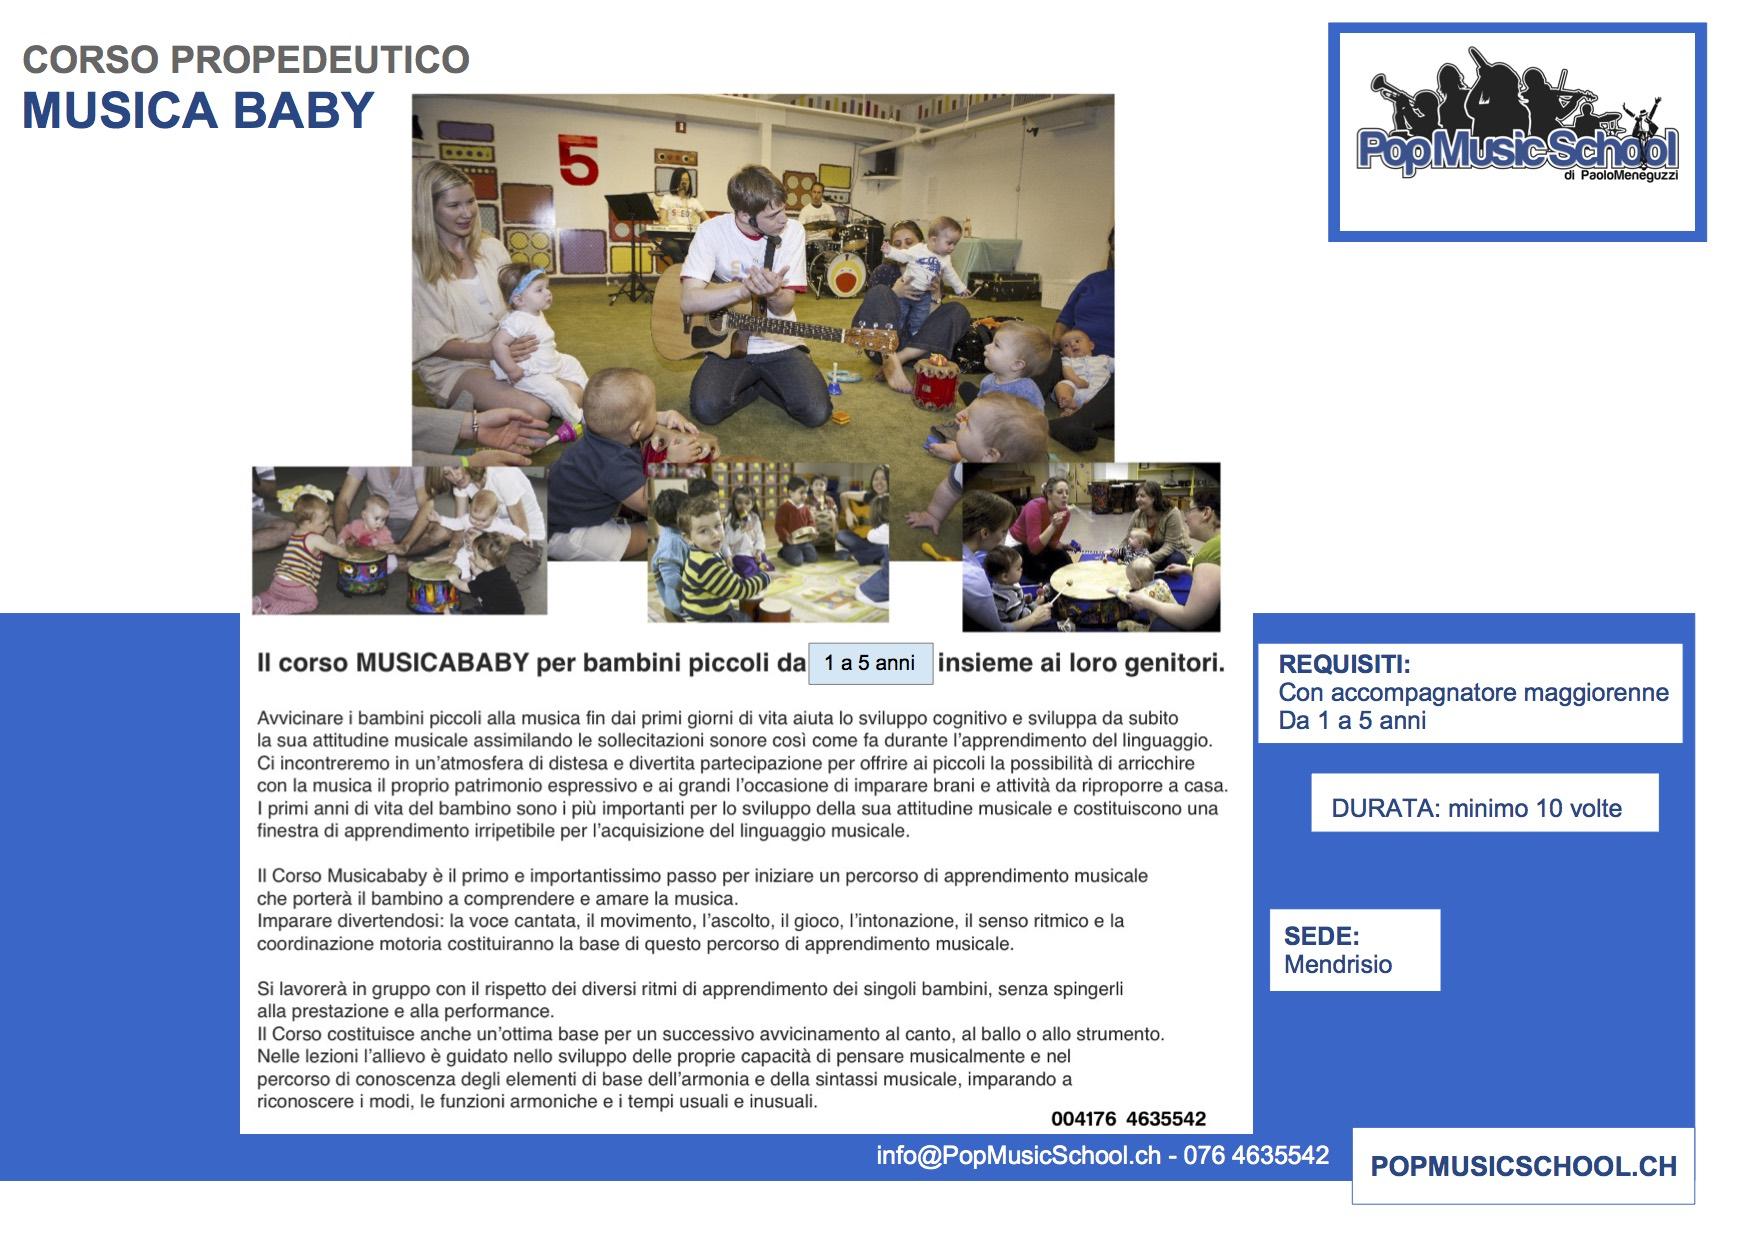 12 - NUOVO FASCICOLO MUSICA BABY